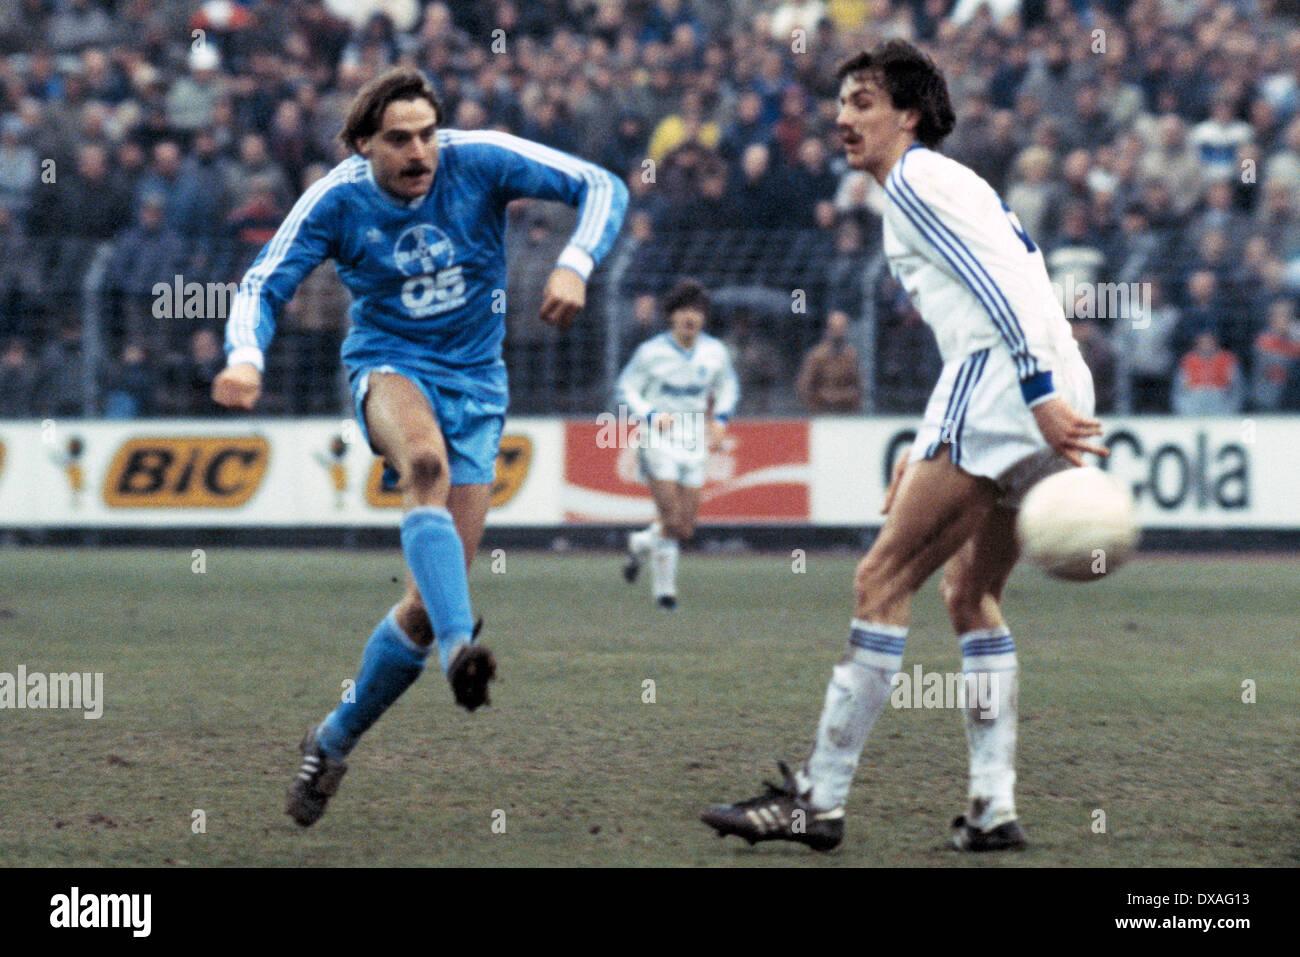 football, Bundesliga, 1984/1985, Grotenburg Stadium, FC Bayer 05 Uerdingen versus SV Waldhof Mannheim 2:2, scene of the match, shot on goal by Horst Feilzer (Bayer), right Juergen Kohler (SVW) - Stock Image